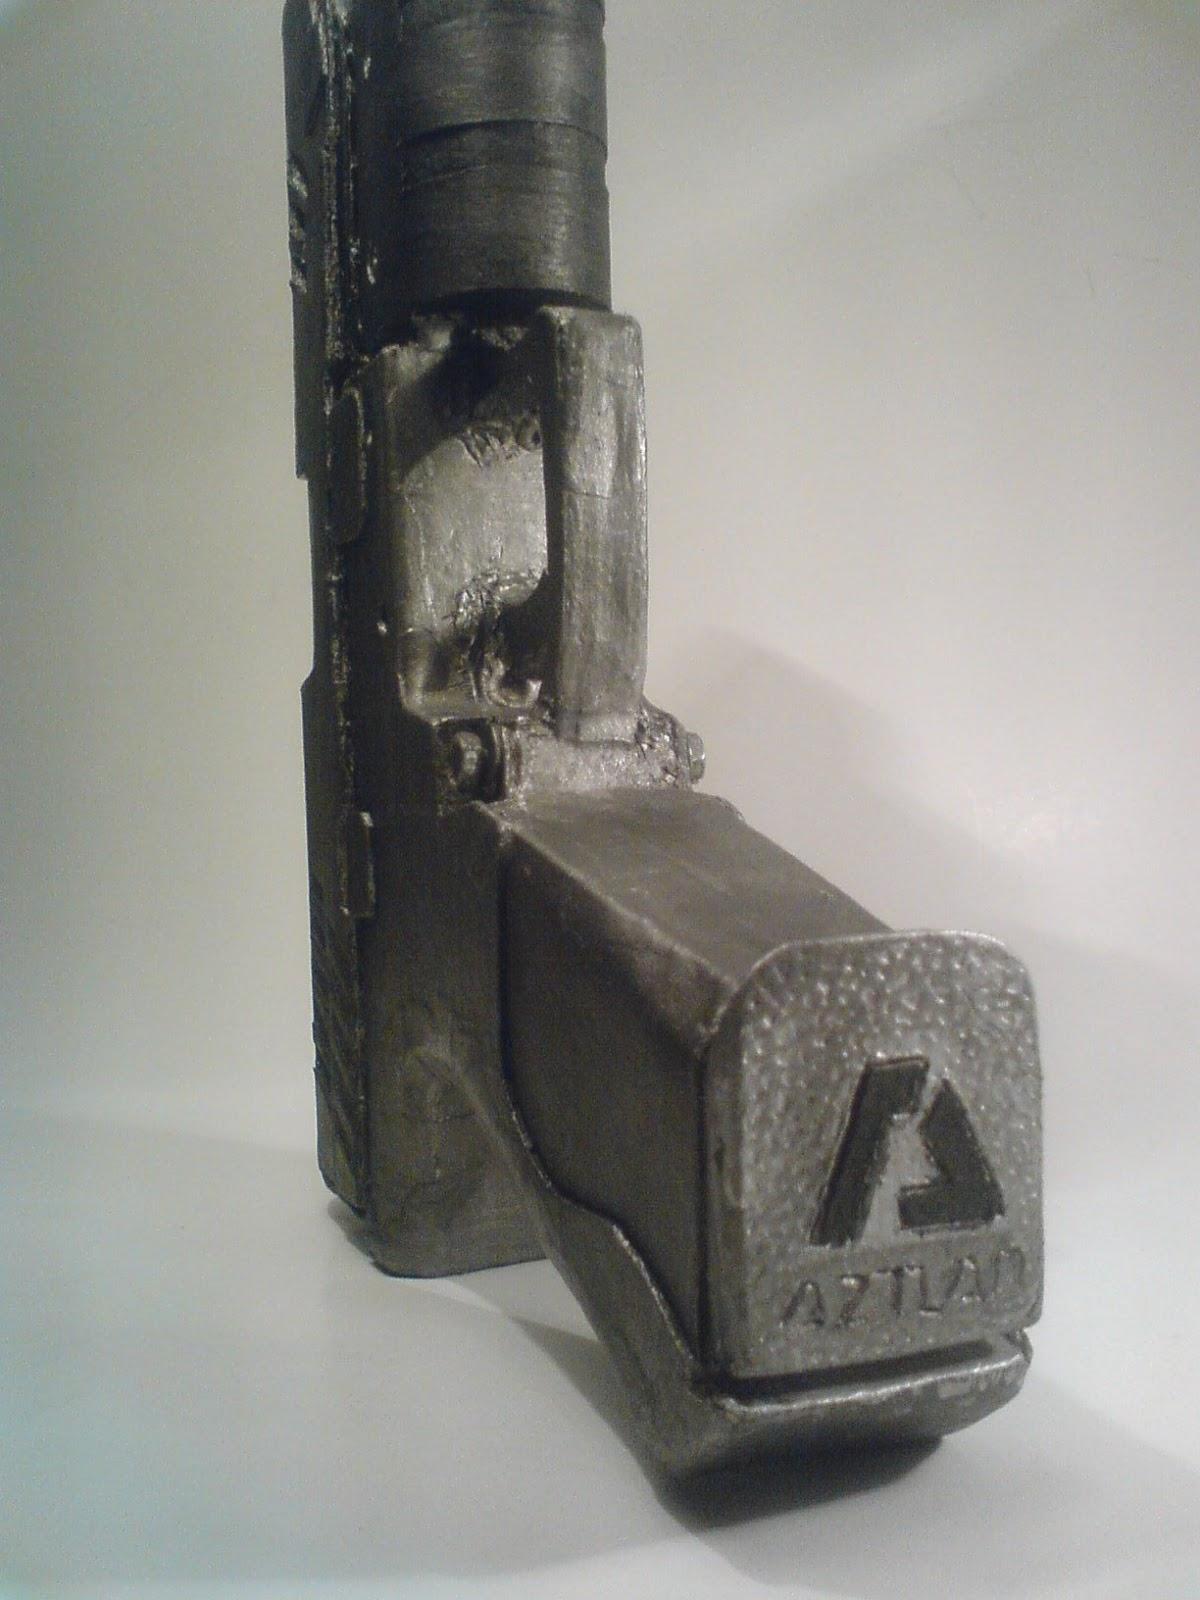 Pistola Blacktail - Resident Evil DSC04524